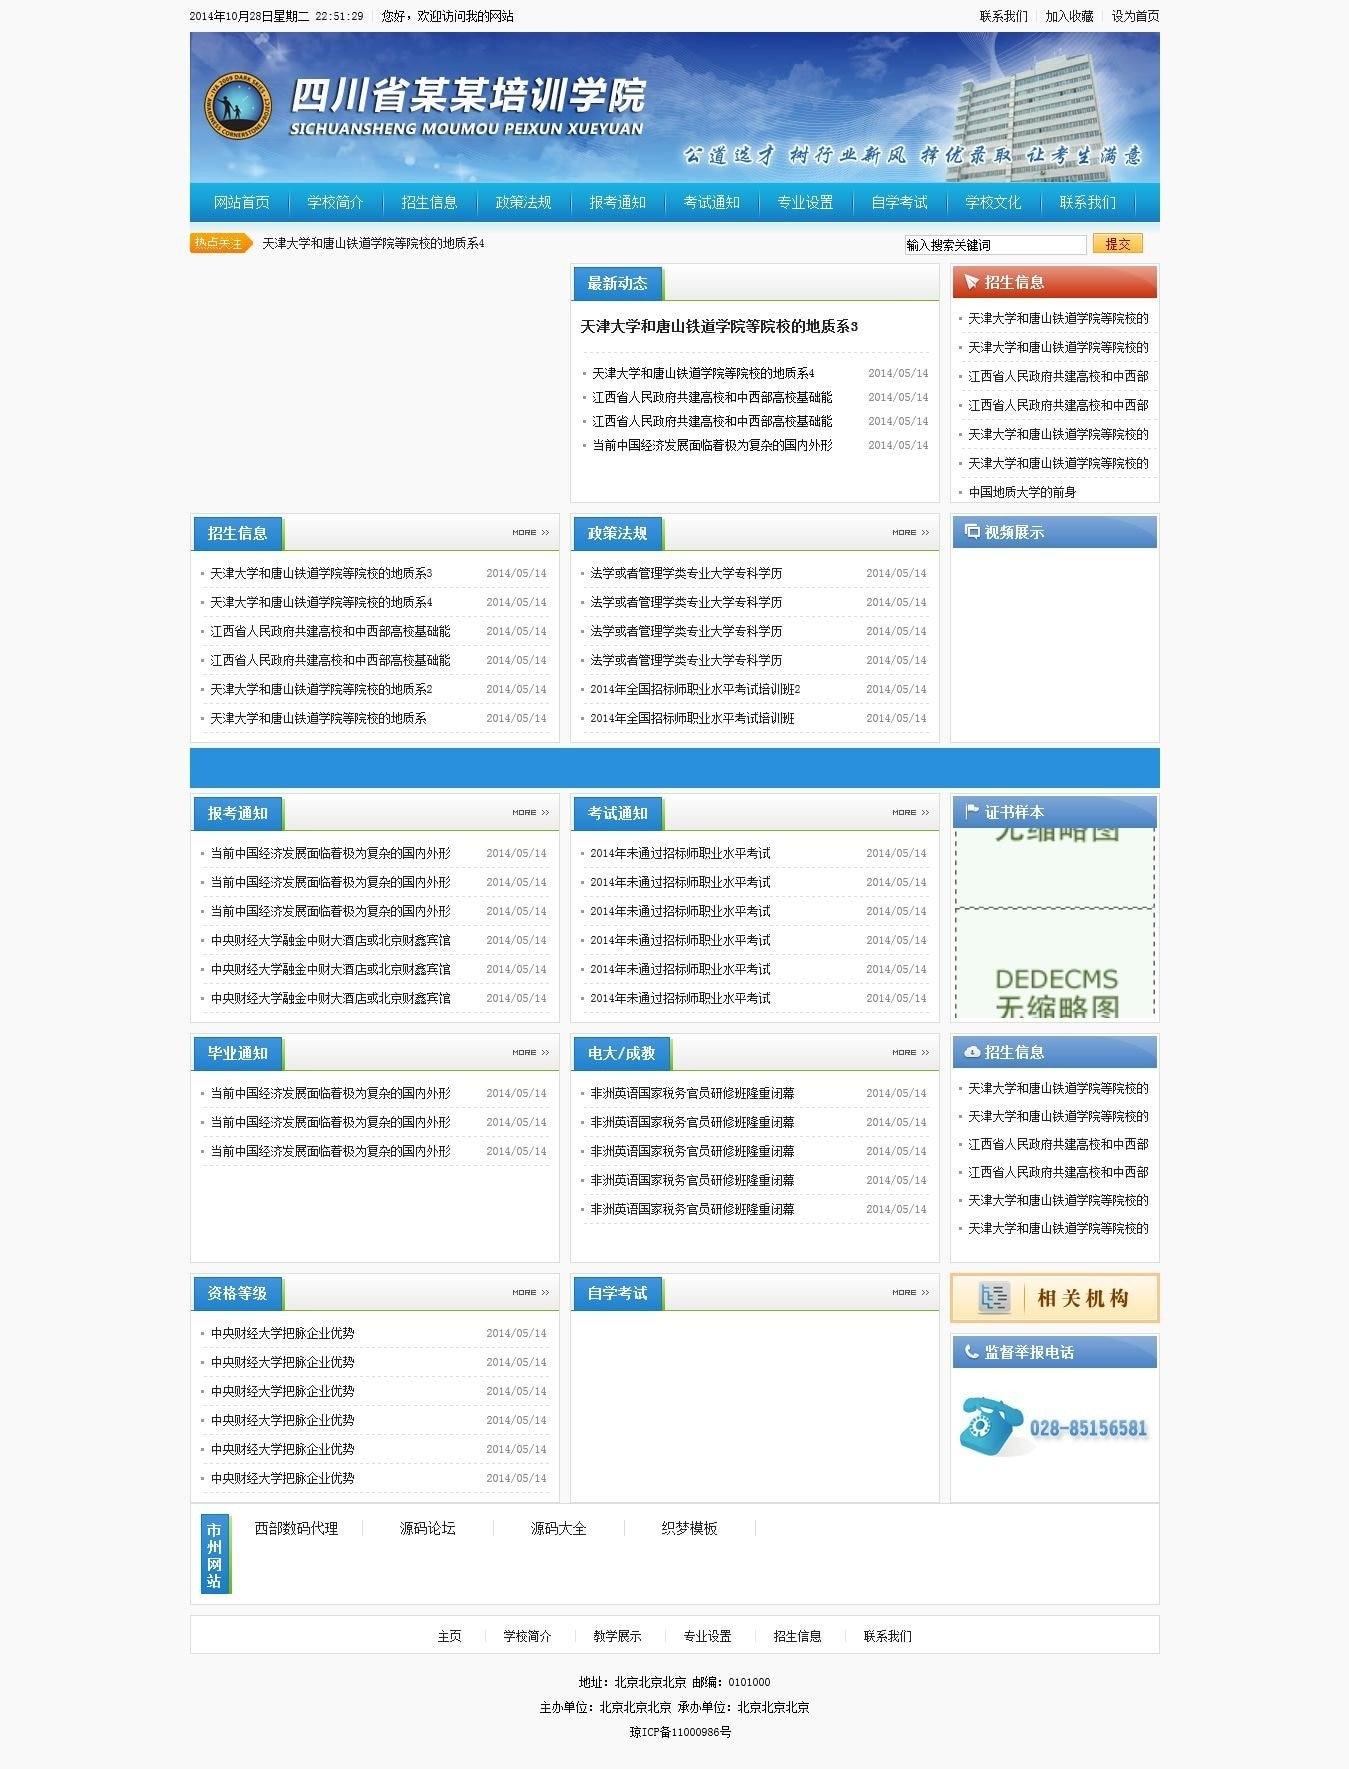 【织梦培训企业模板】HTML5响应式培训教育网校类企业网站源码